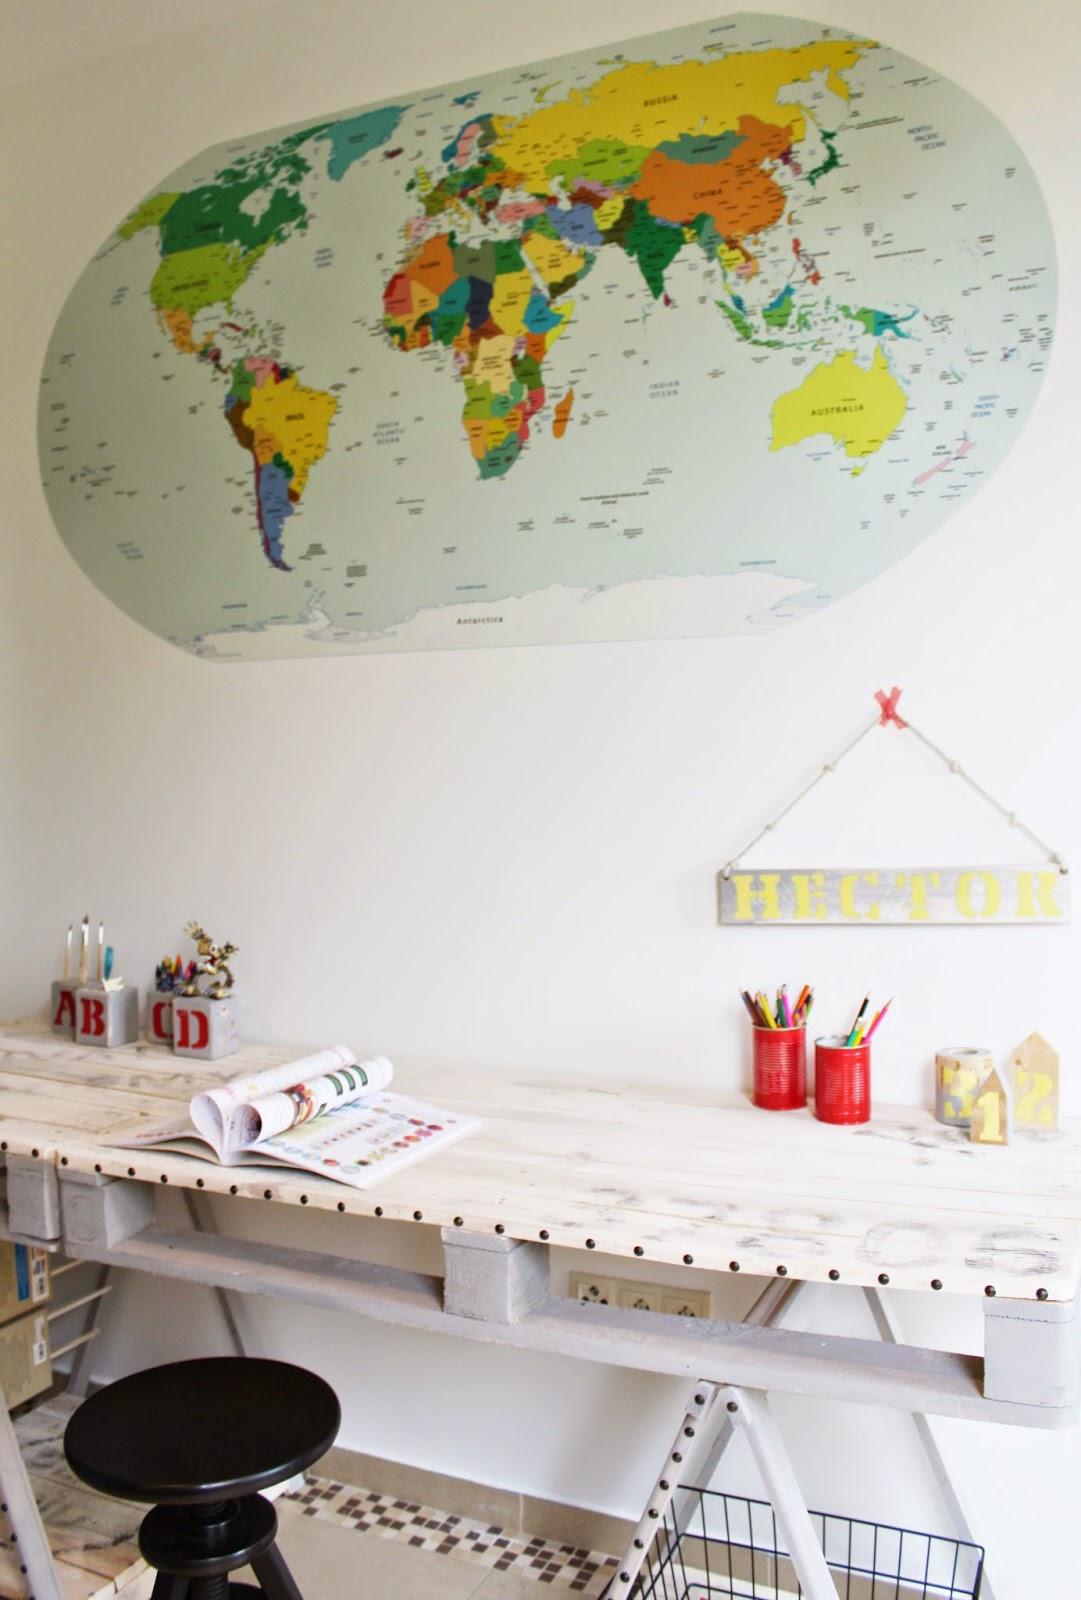 pokój chłopca,jakie kolory w pokoju dziecka, inspiracje pokój dziecięcy,jak naklejać naklejki ścienne krok po kroku,film poklatkowy zmiany w pokoju,blog majsterkowanie DIY,mapa świata,biurko z palet tutorial